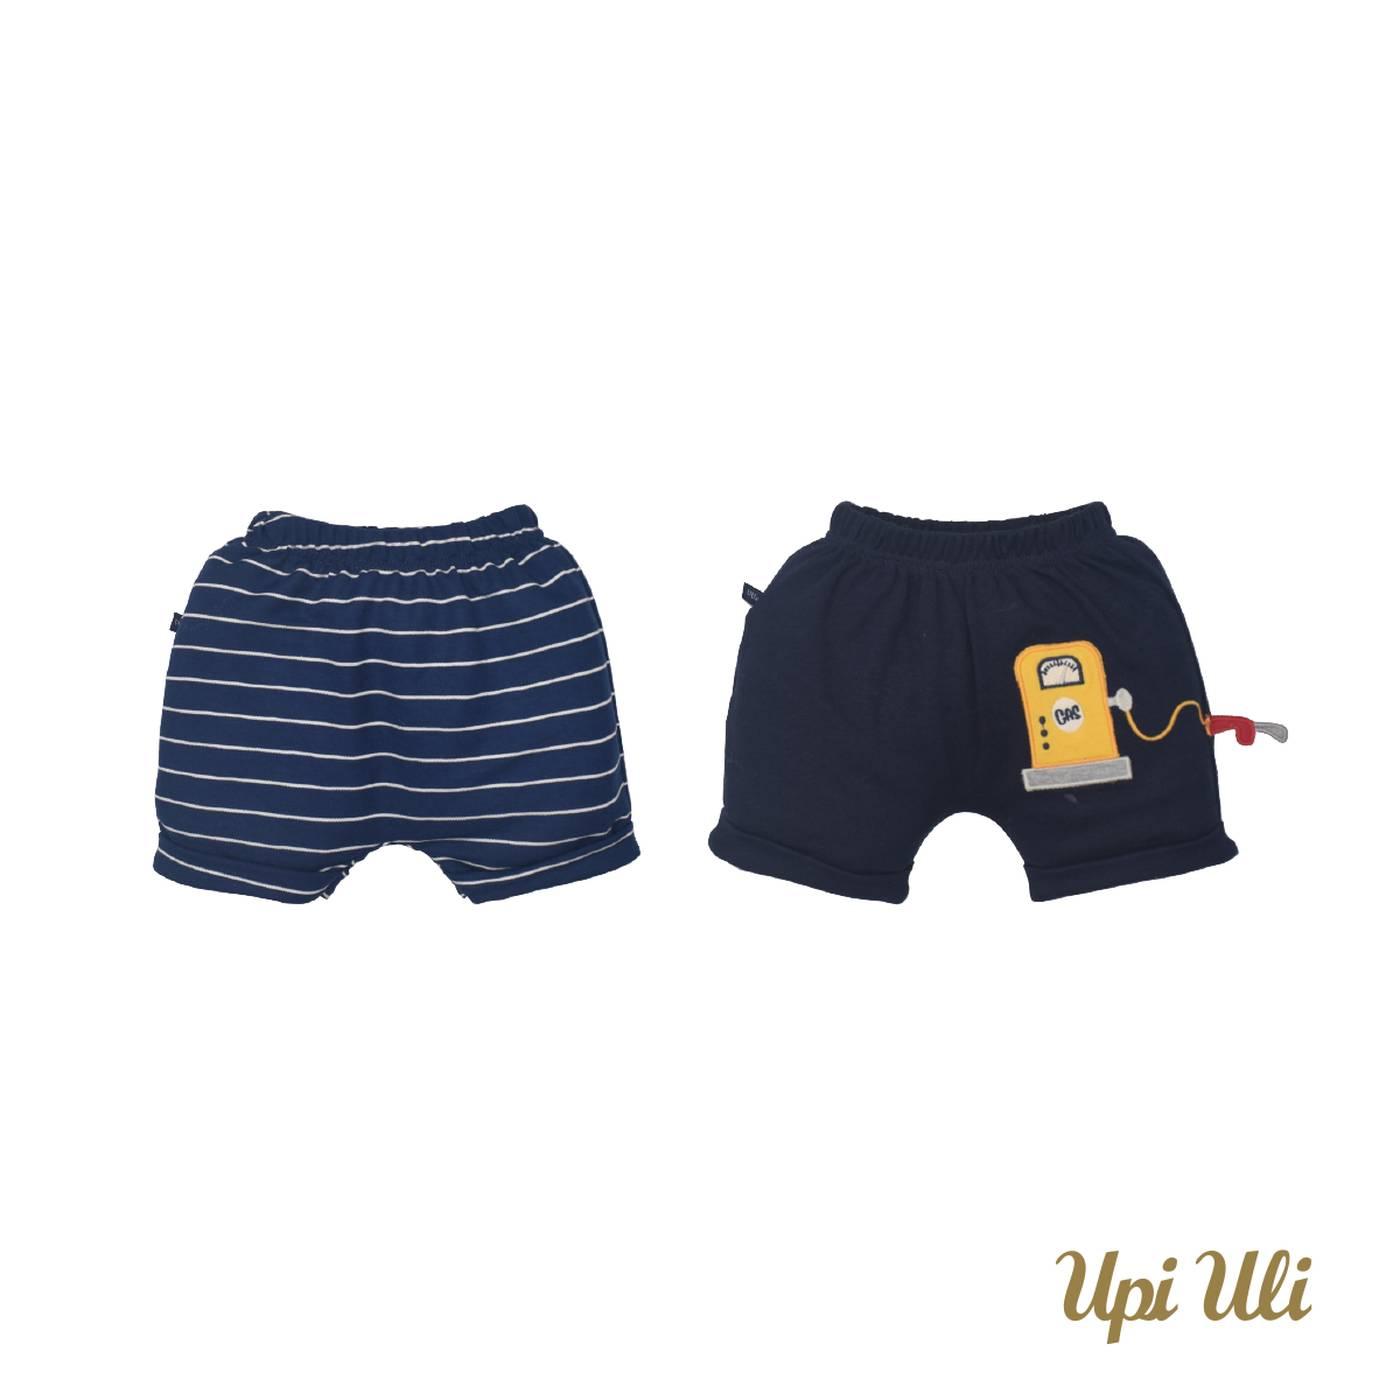 Kit bebê Shorts 2 Peças Suedine /Malha Listrado  Lucas P/V